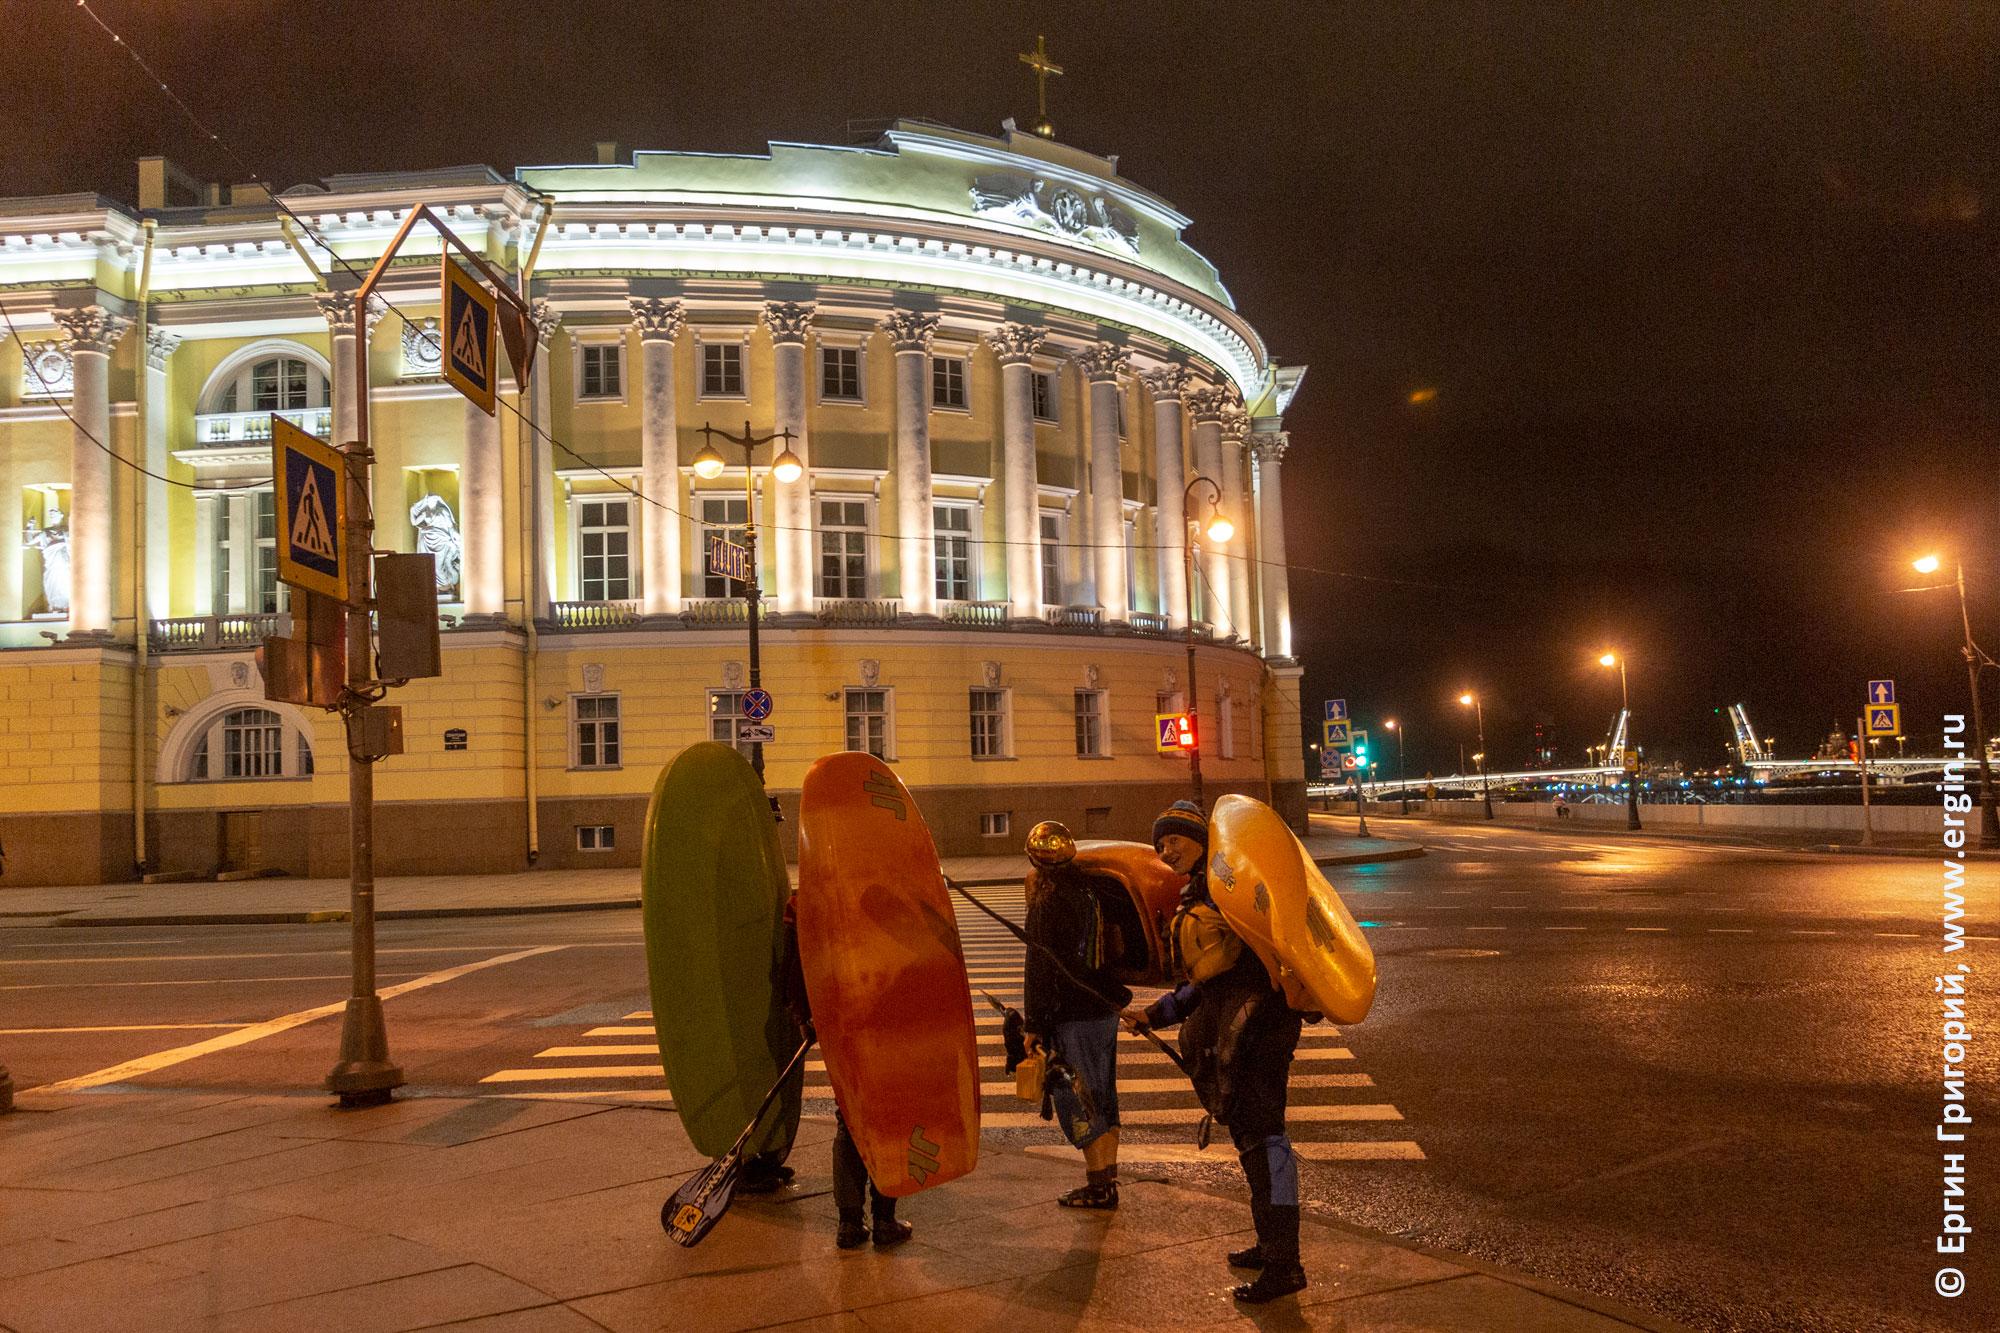 Здание сената и синода в Питере каякеры переходят дорогу с каяками